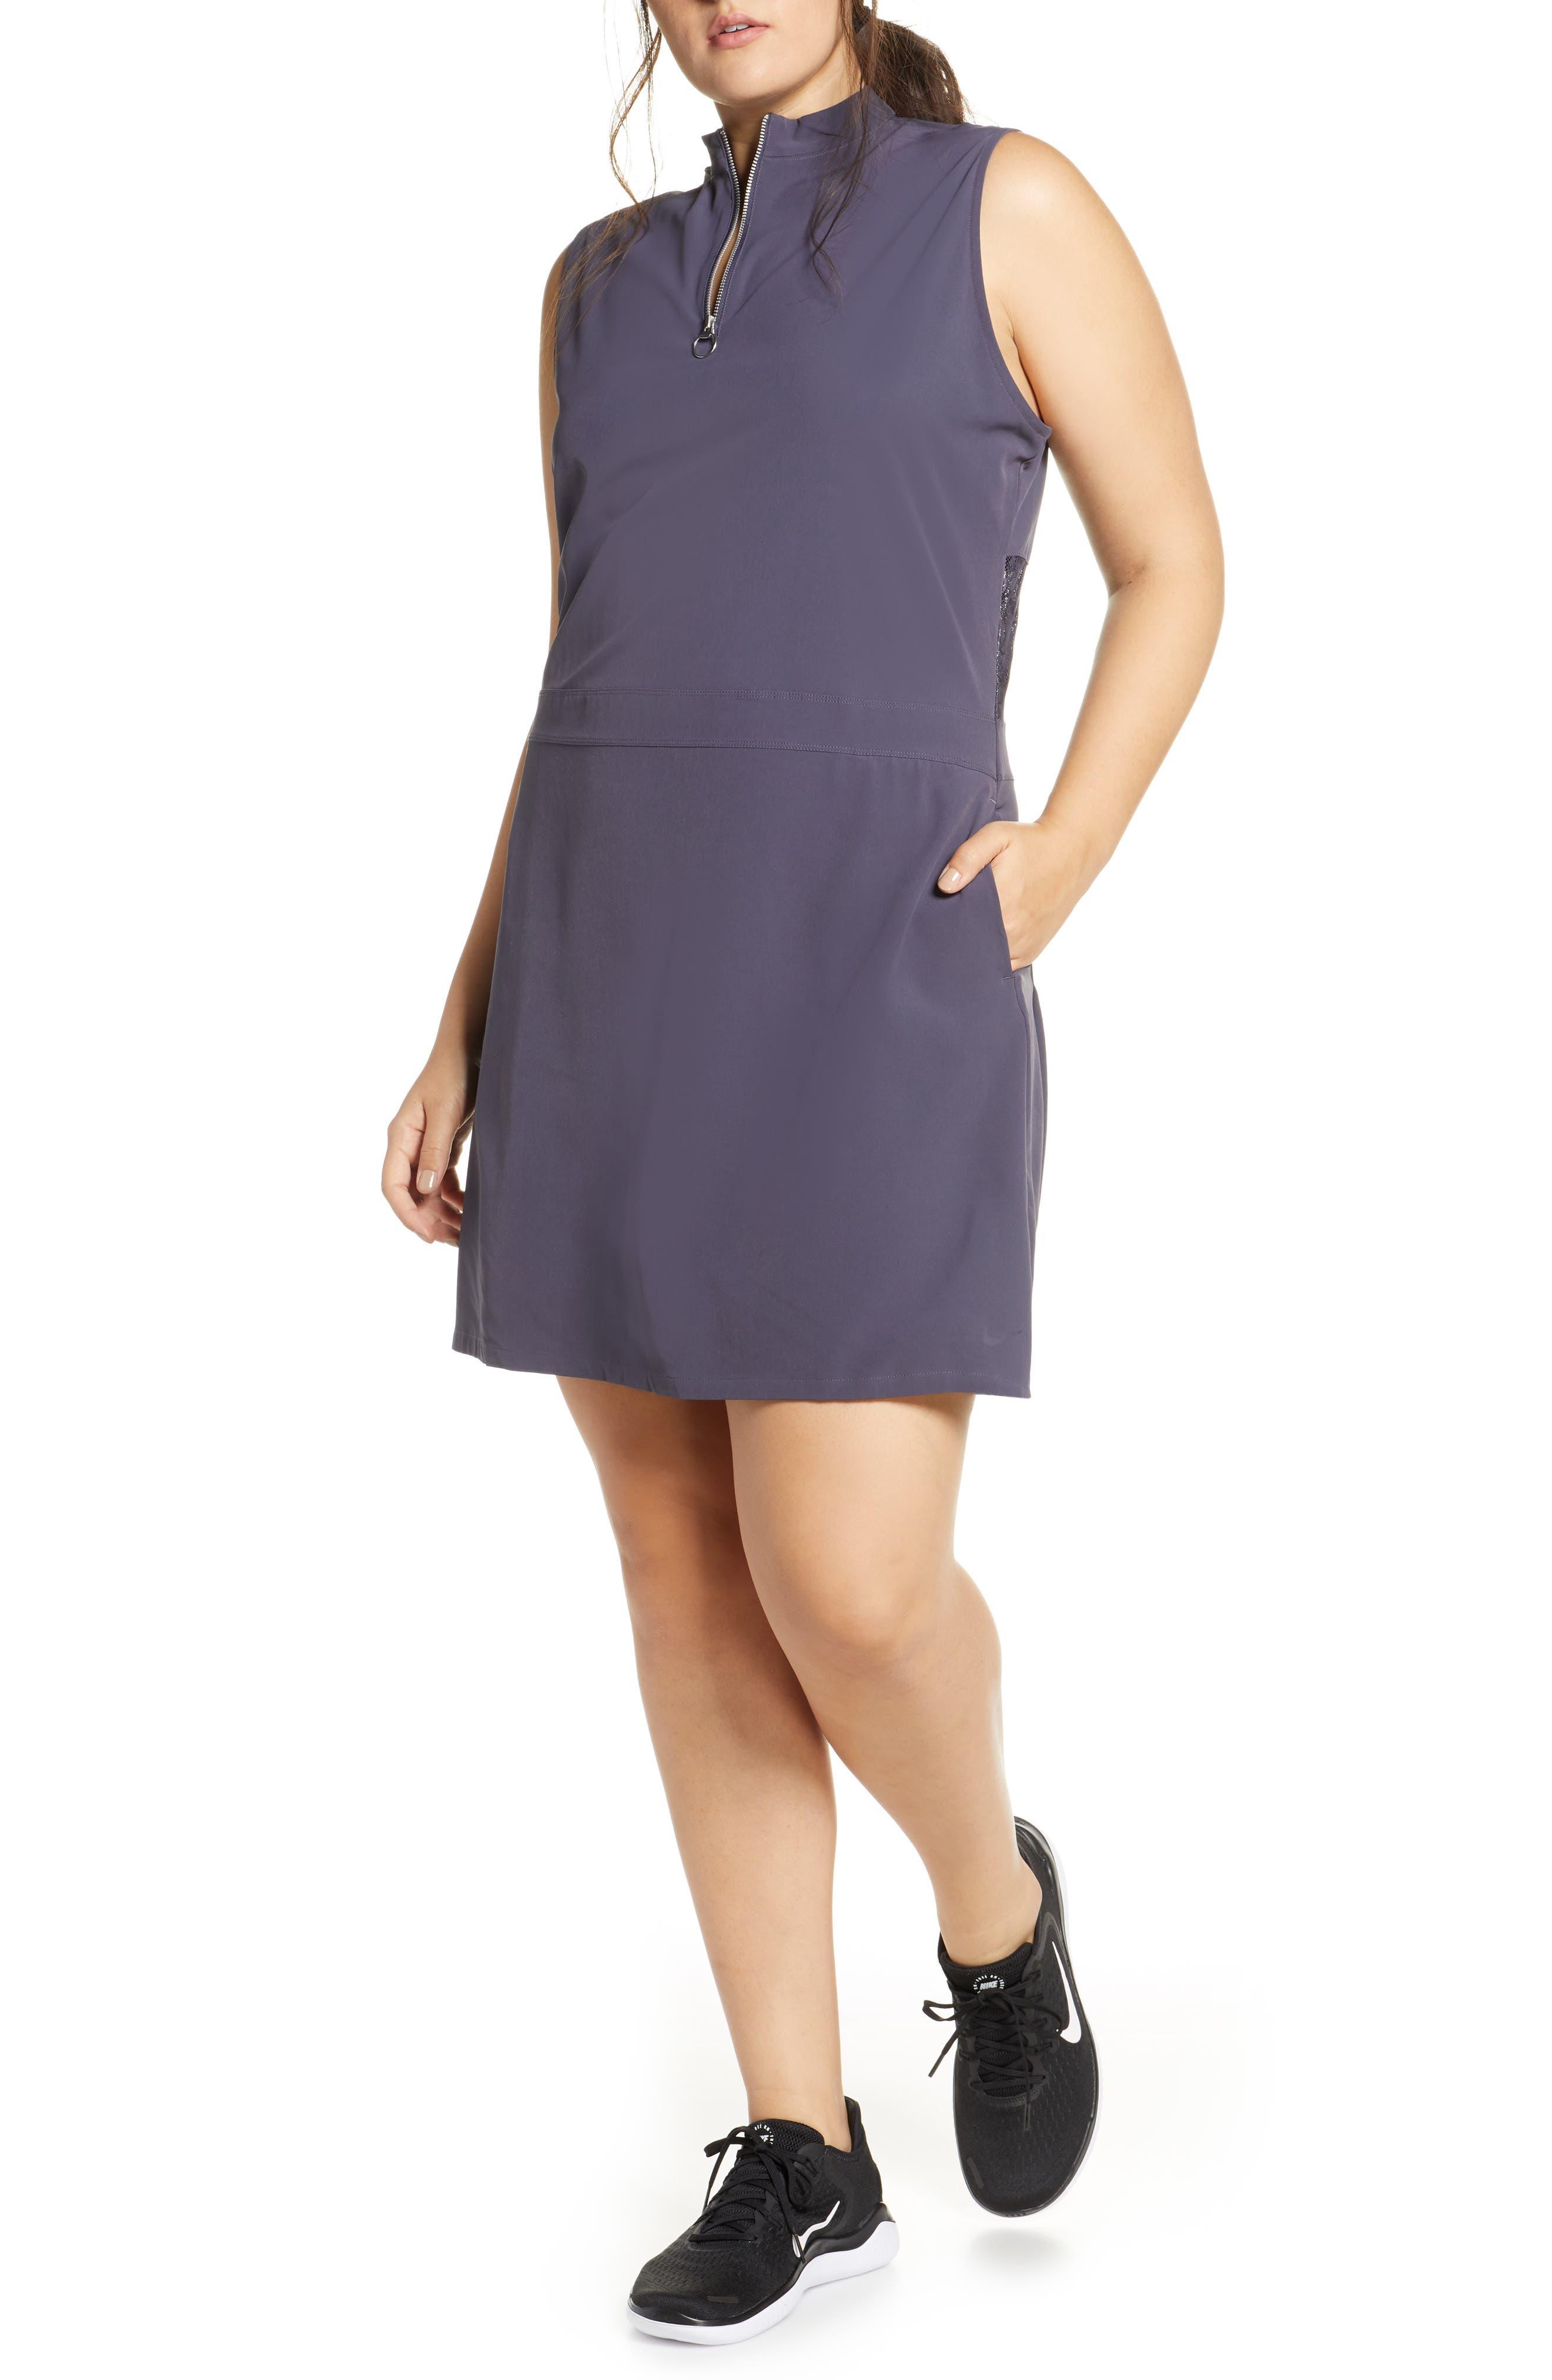 Nike Dri-Fit Flex Golf Dress